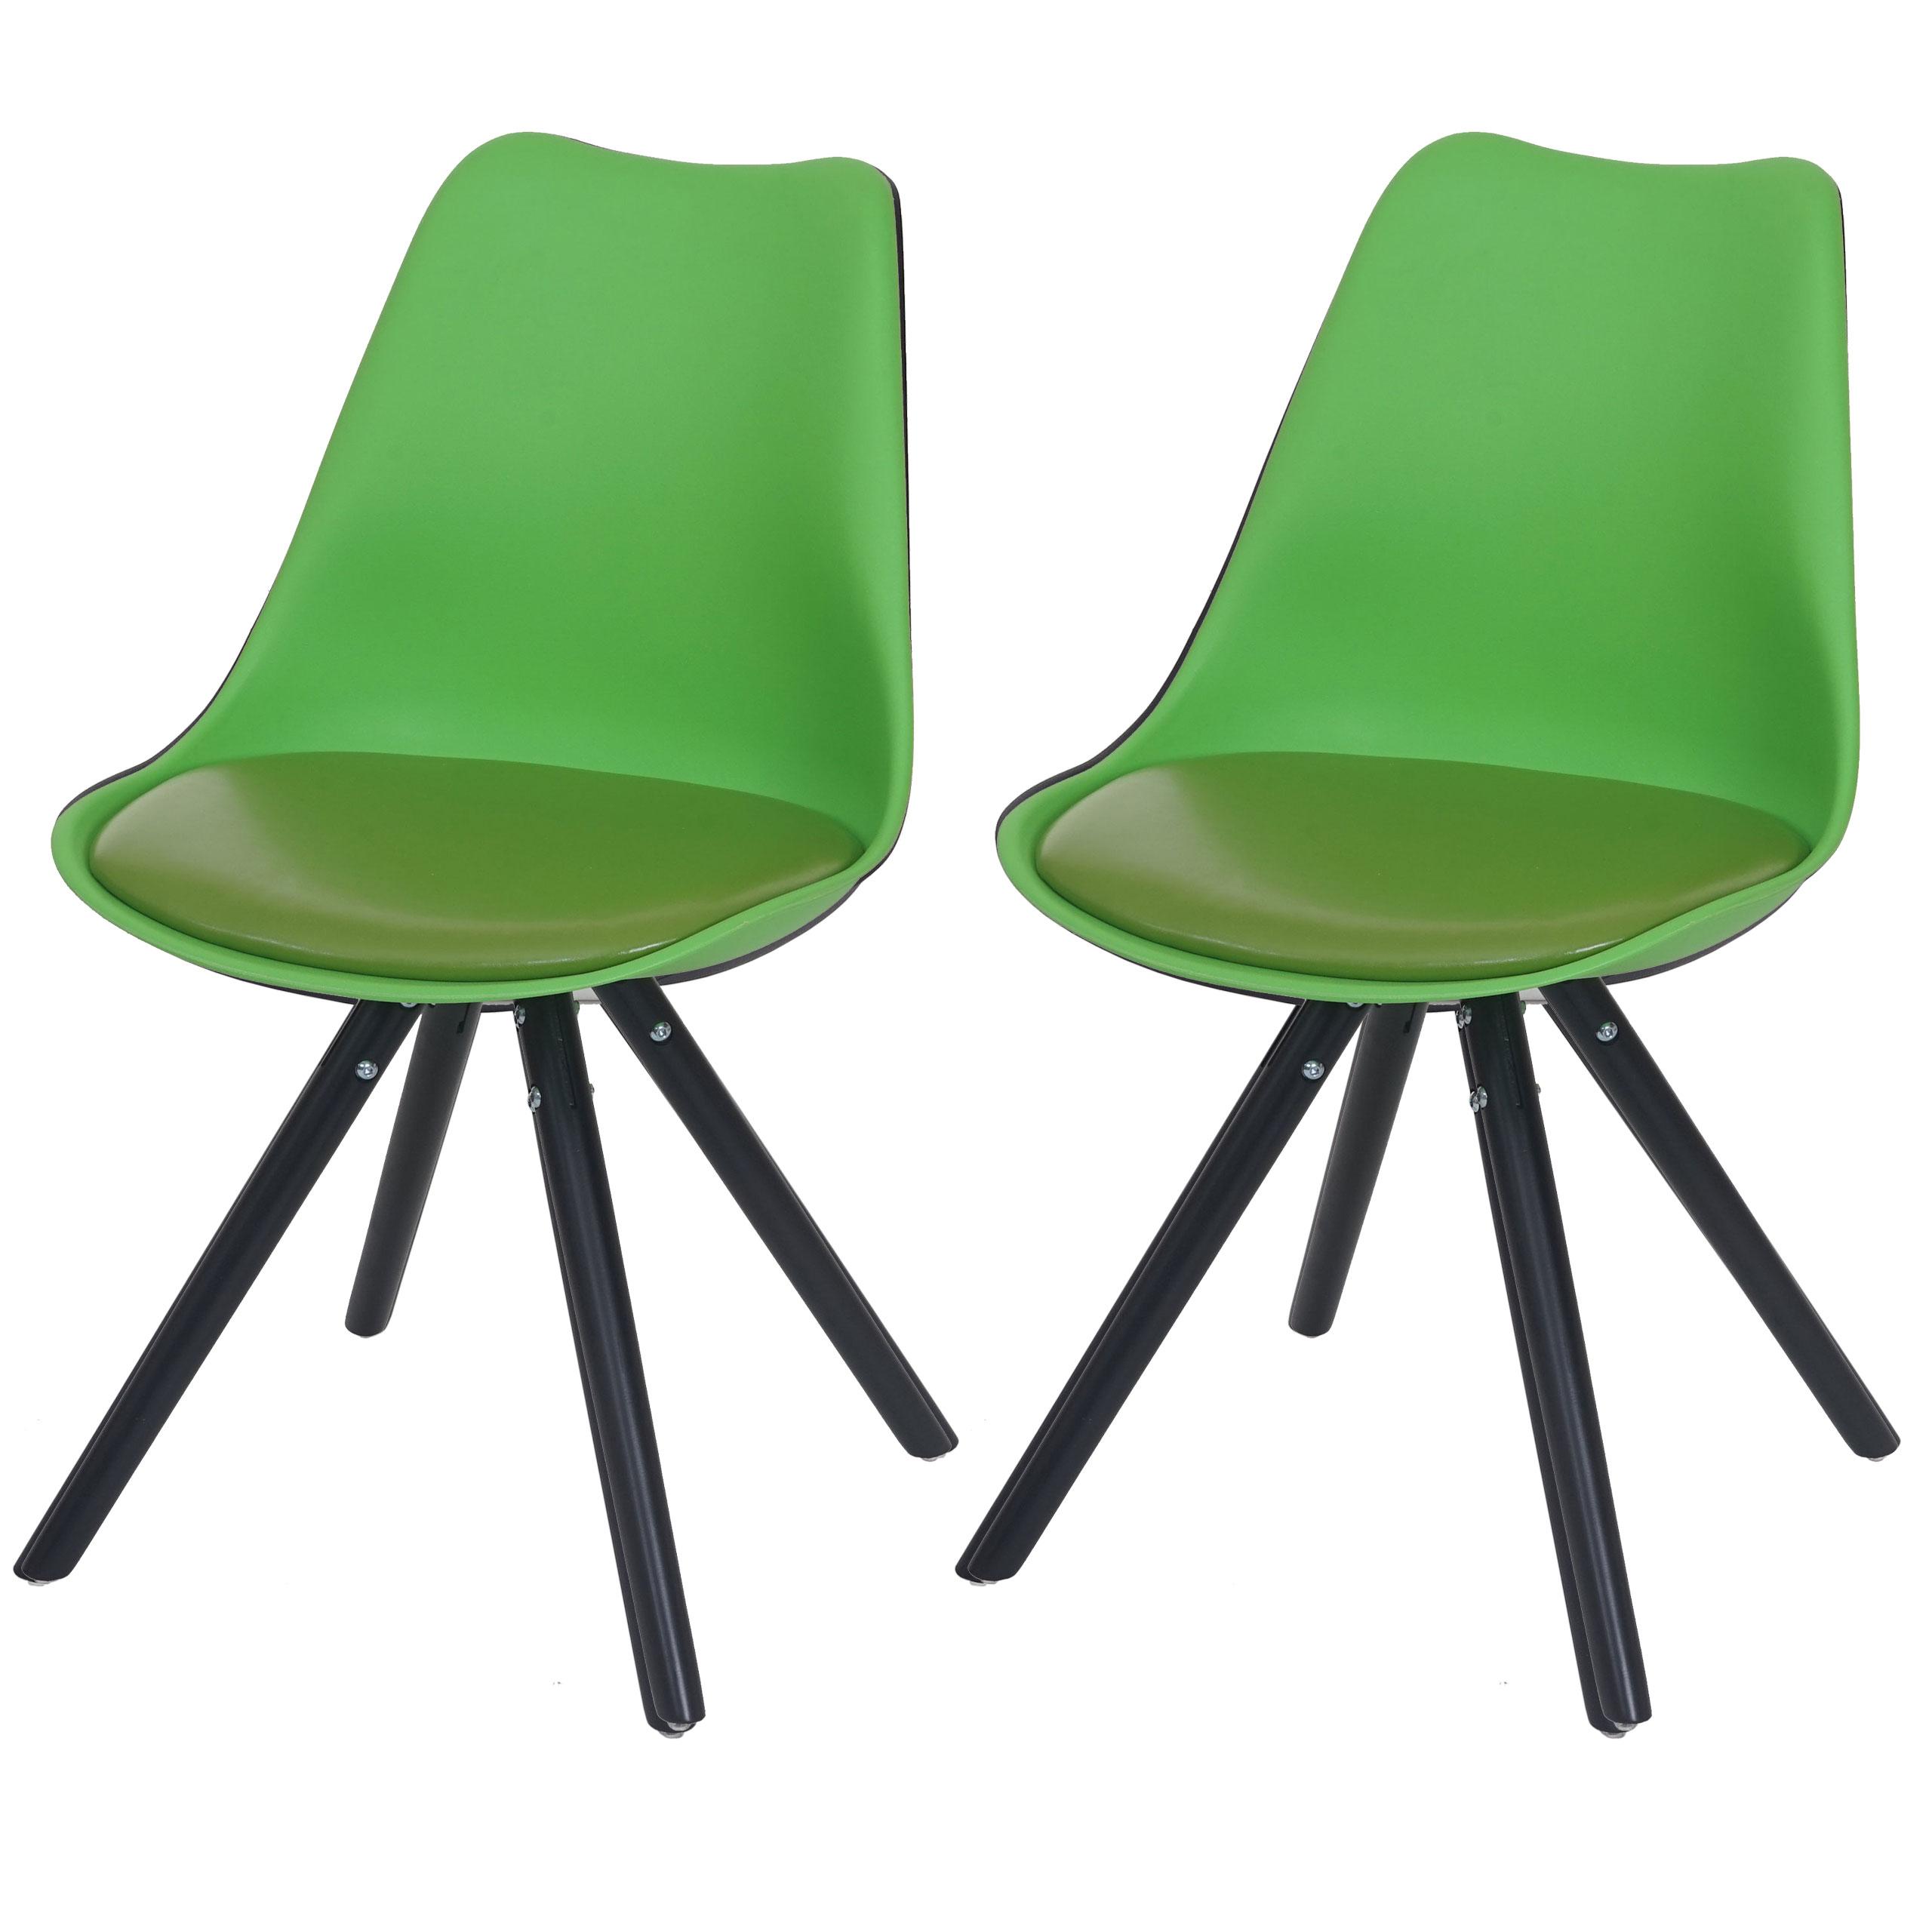 2x esszimmerstuhl malm retro design kunstleder gr n dunkle beine. Black Bedroom Furniture Sets. Home Design Ideas